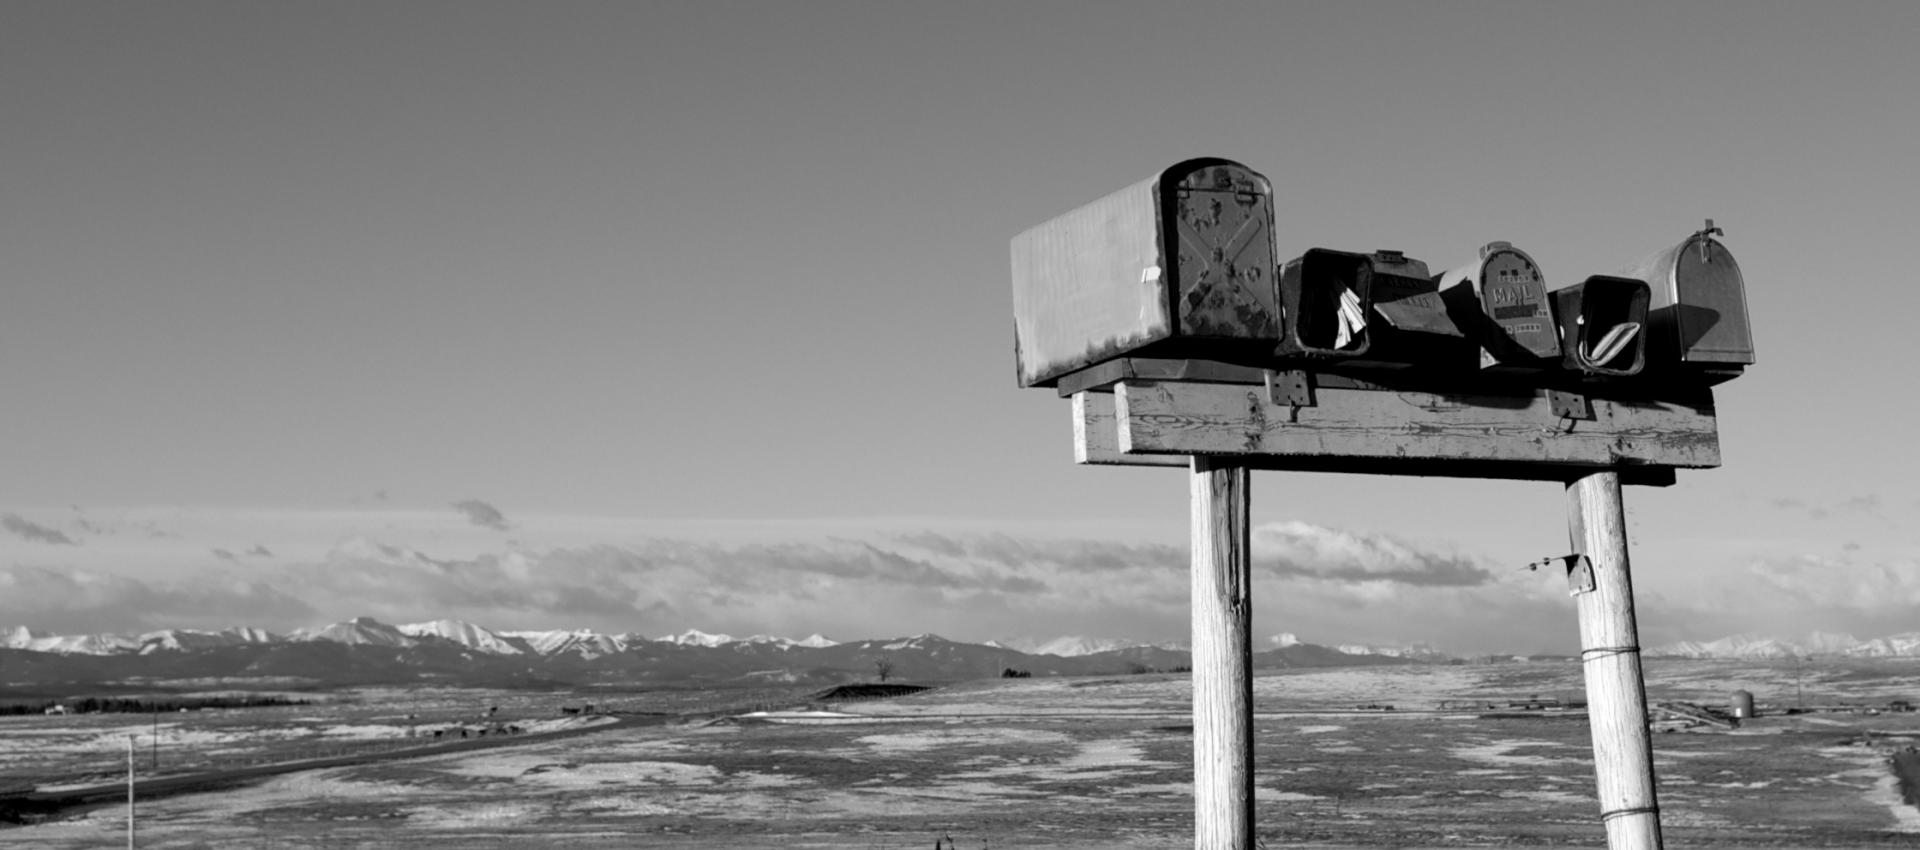 Briefkästen vor Landschaft